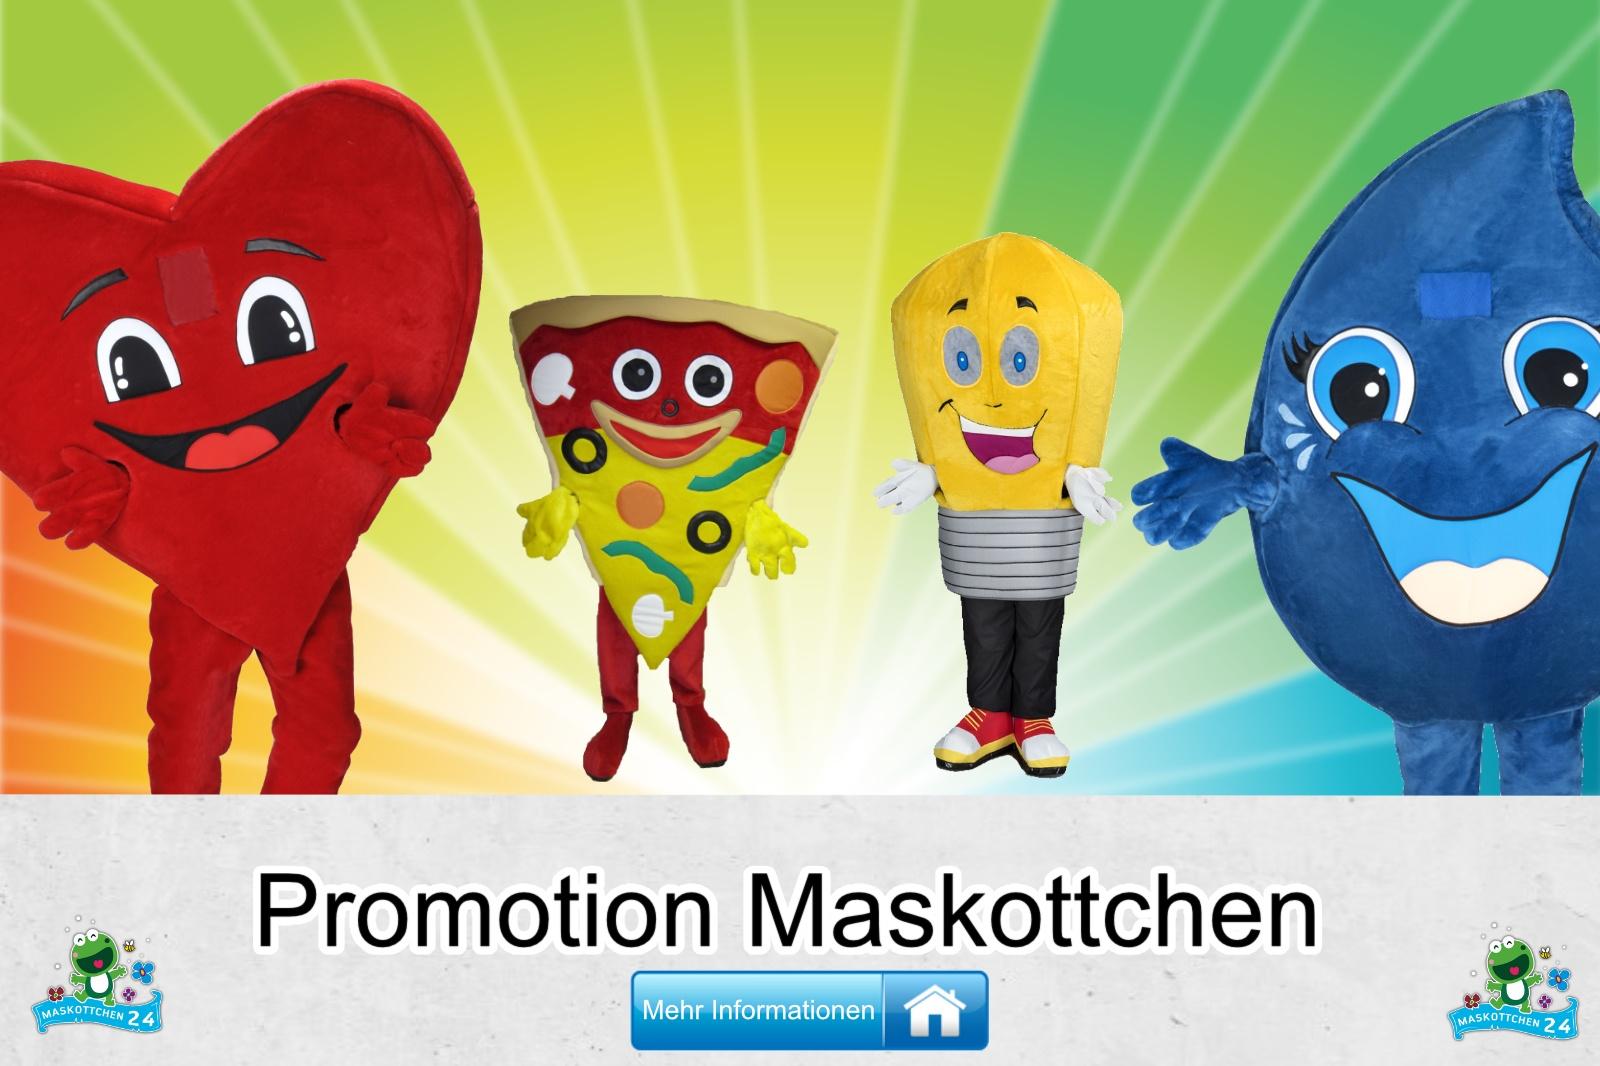 Promotion Kostüme Produktion Maskottchen kaufen